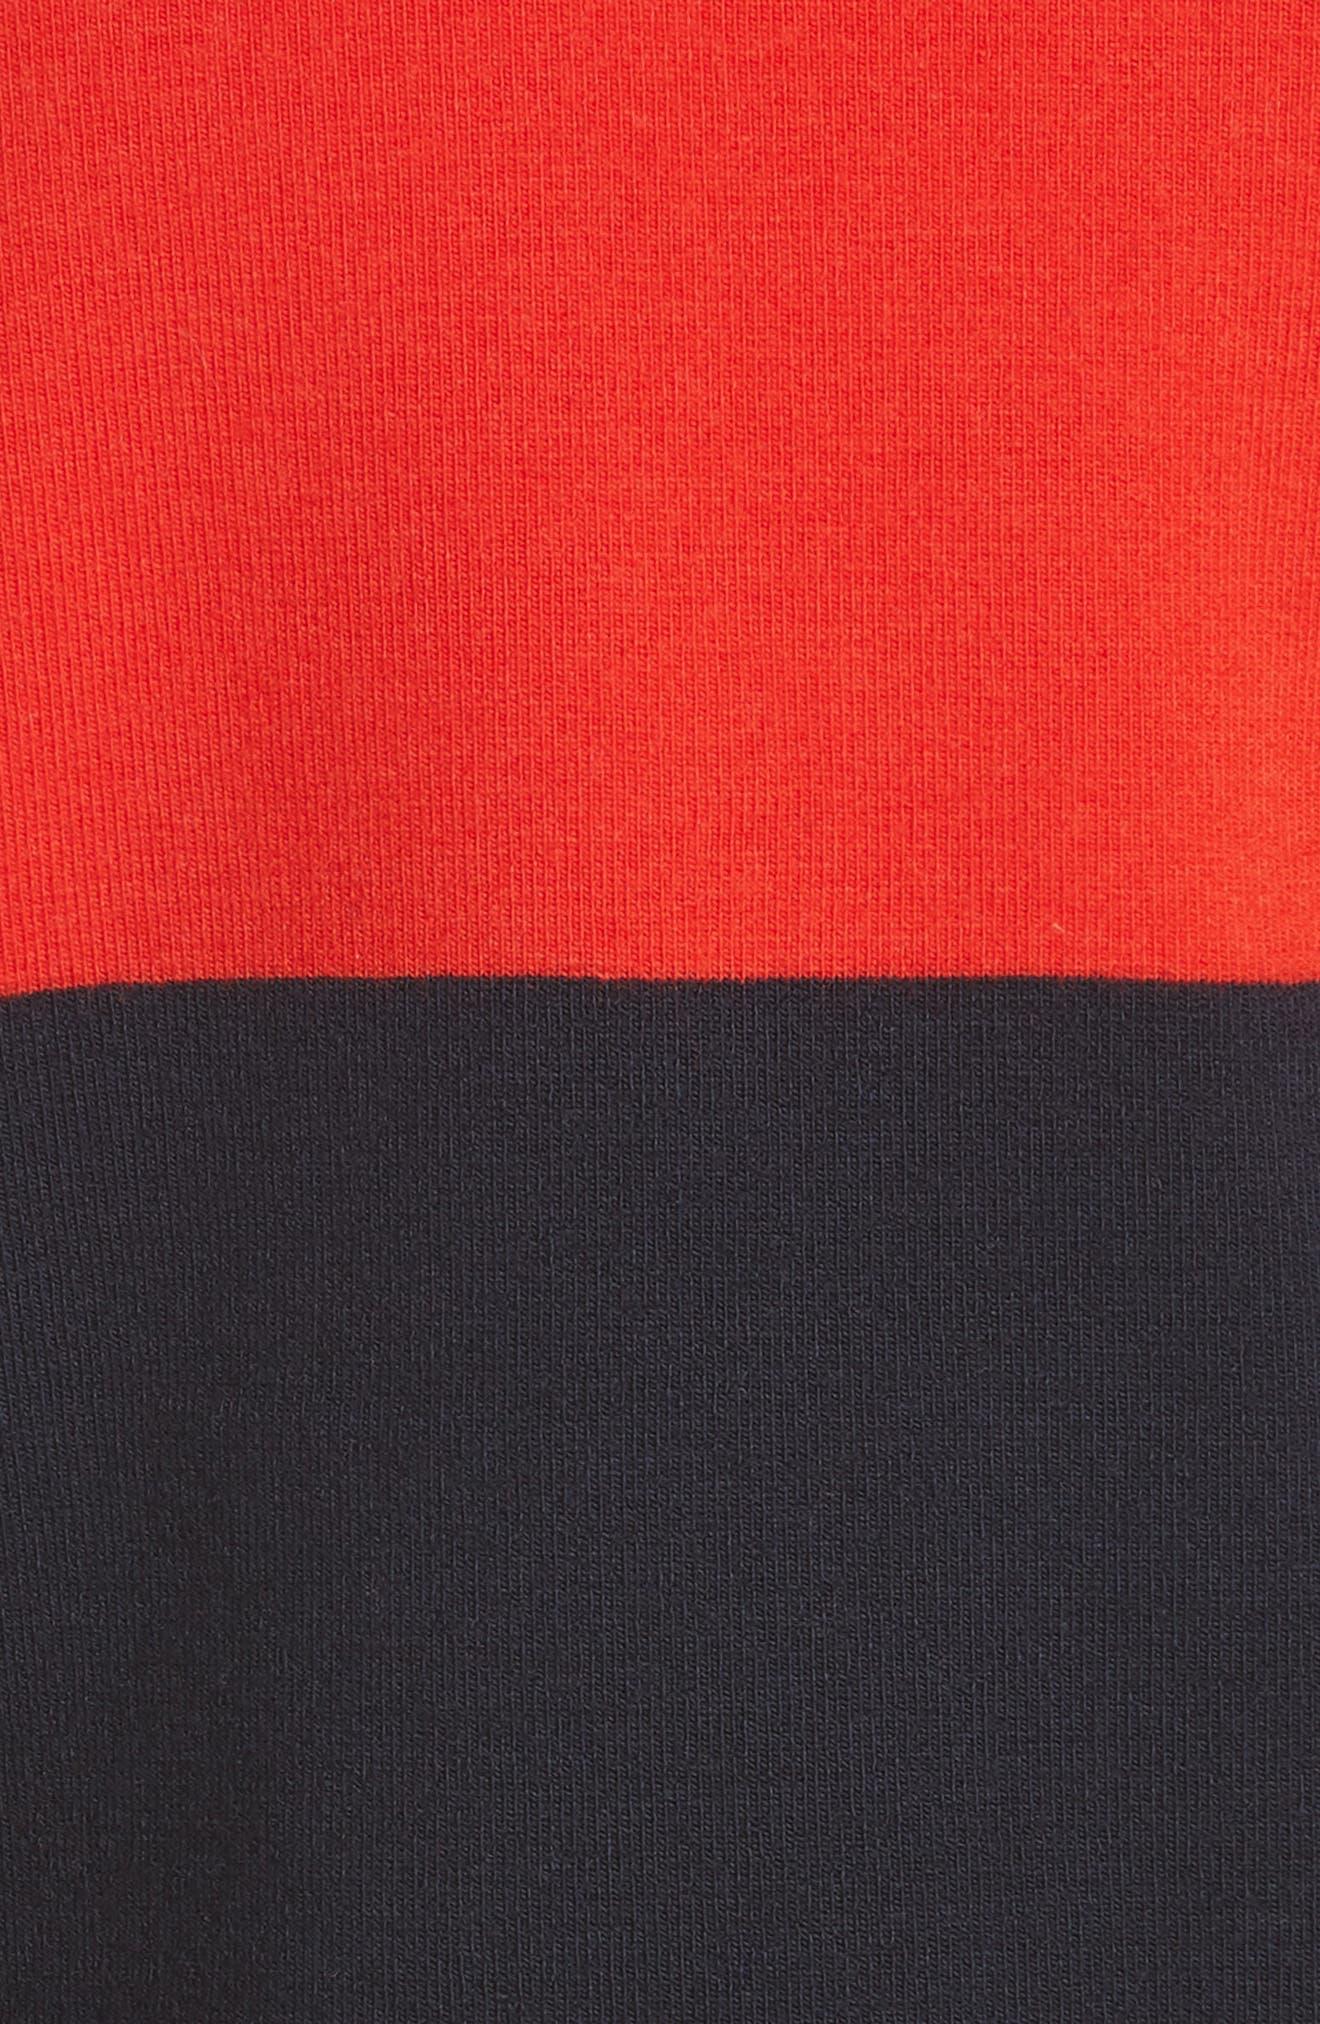 Diane von Furstenberg Star Sweater,                             Alternate thumbnail 5, color,